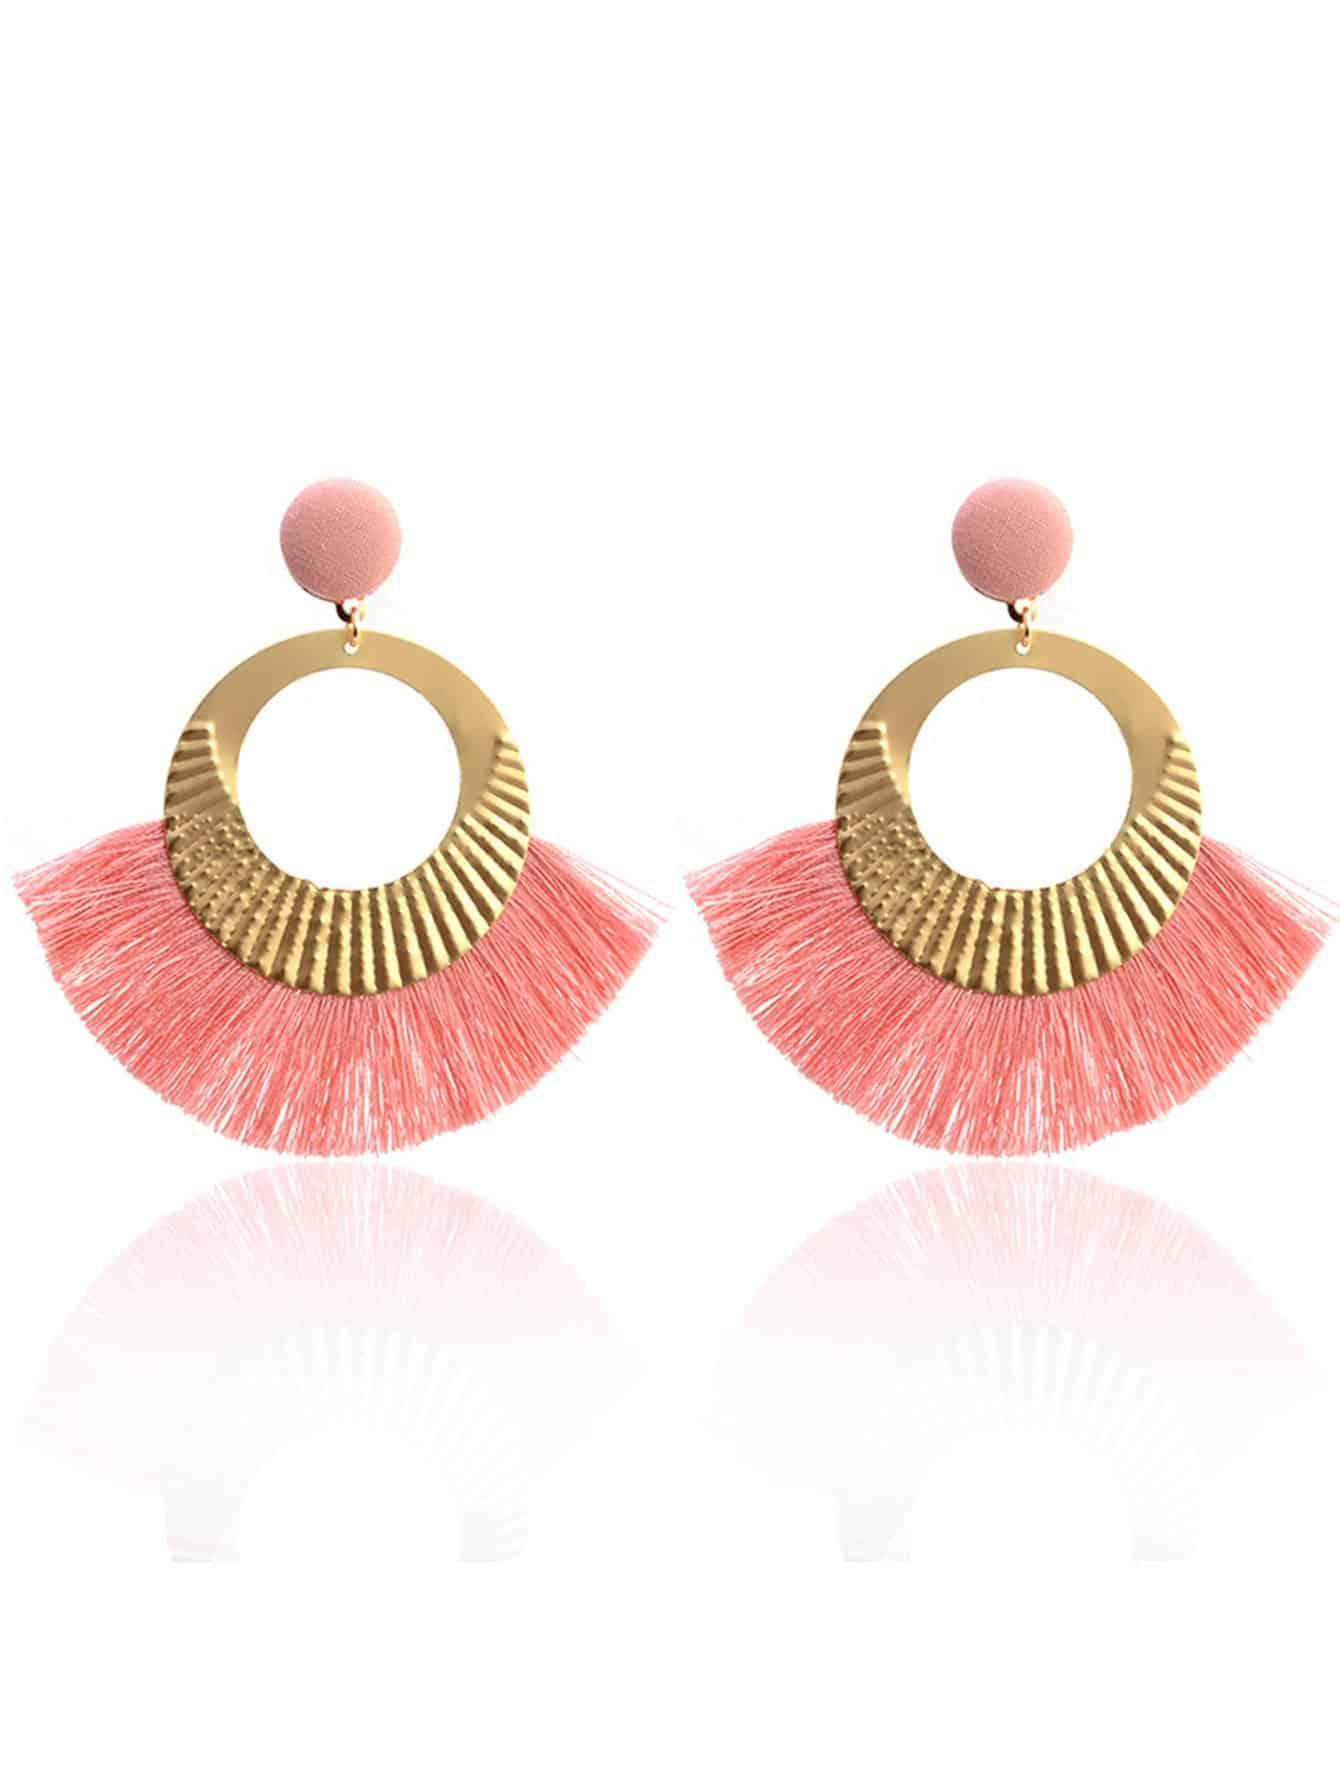 Two Tone Tassel Dangle Earrings statement rhinestone tassel dangle earrings